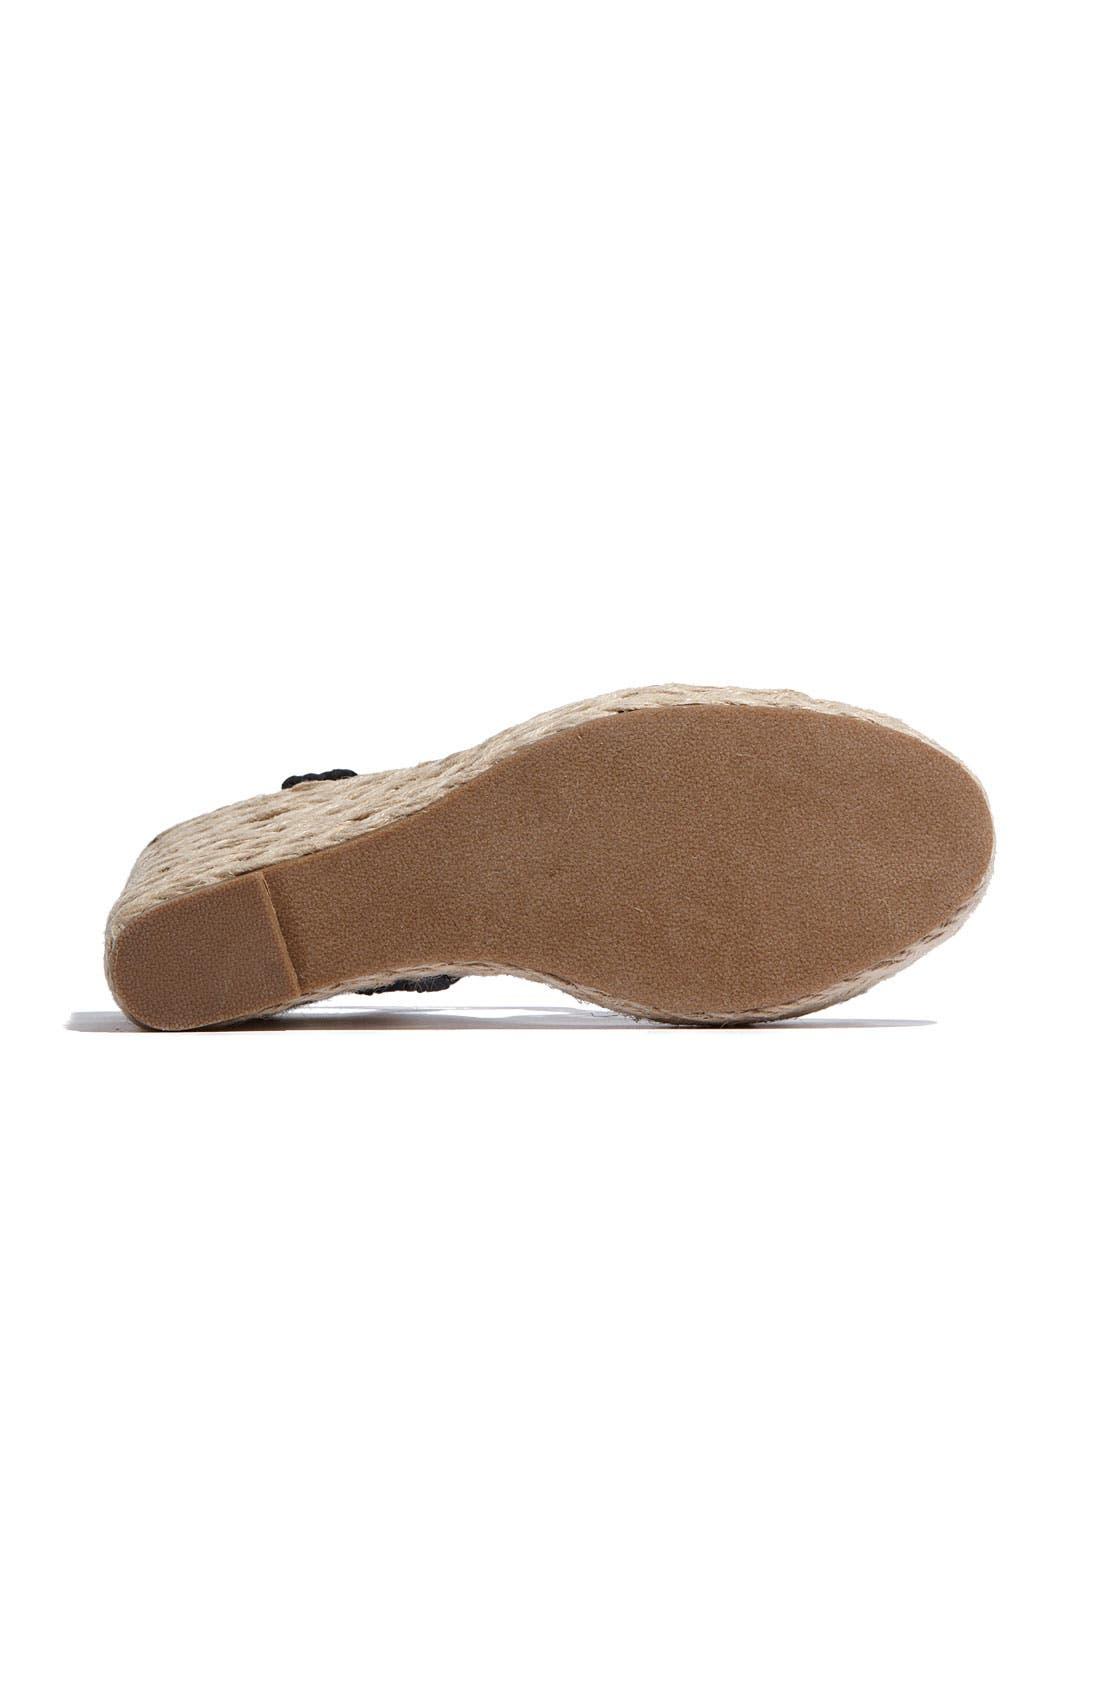 Alternate Image 4  - Steve Madden 'Manngo' Woven Sandal